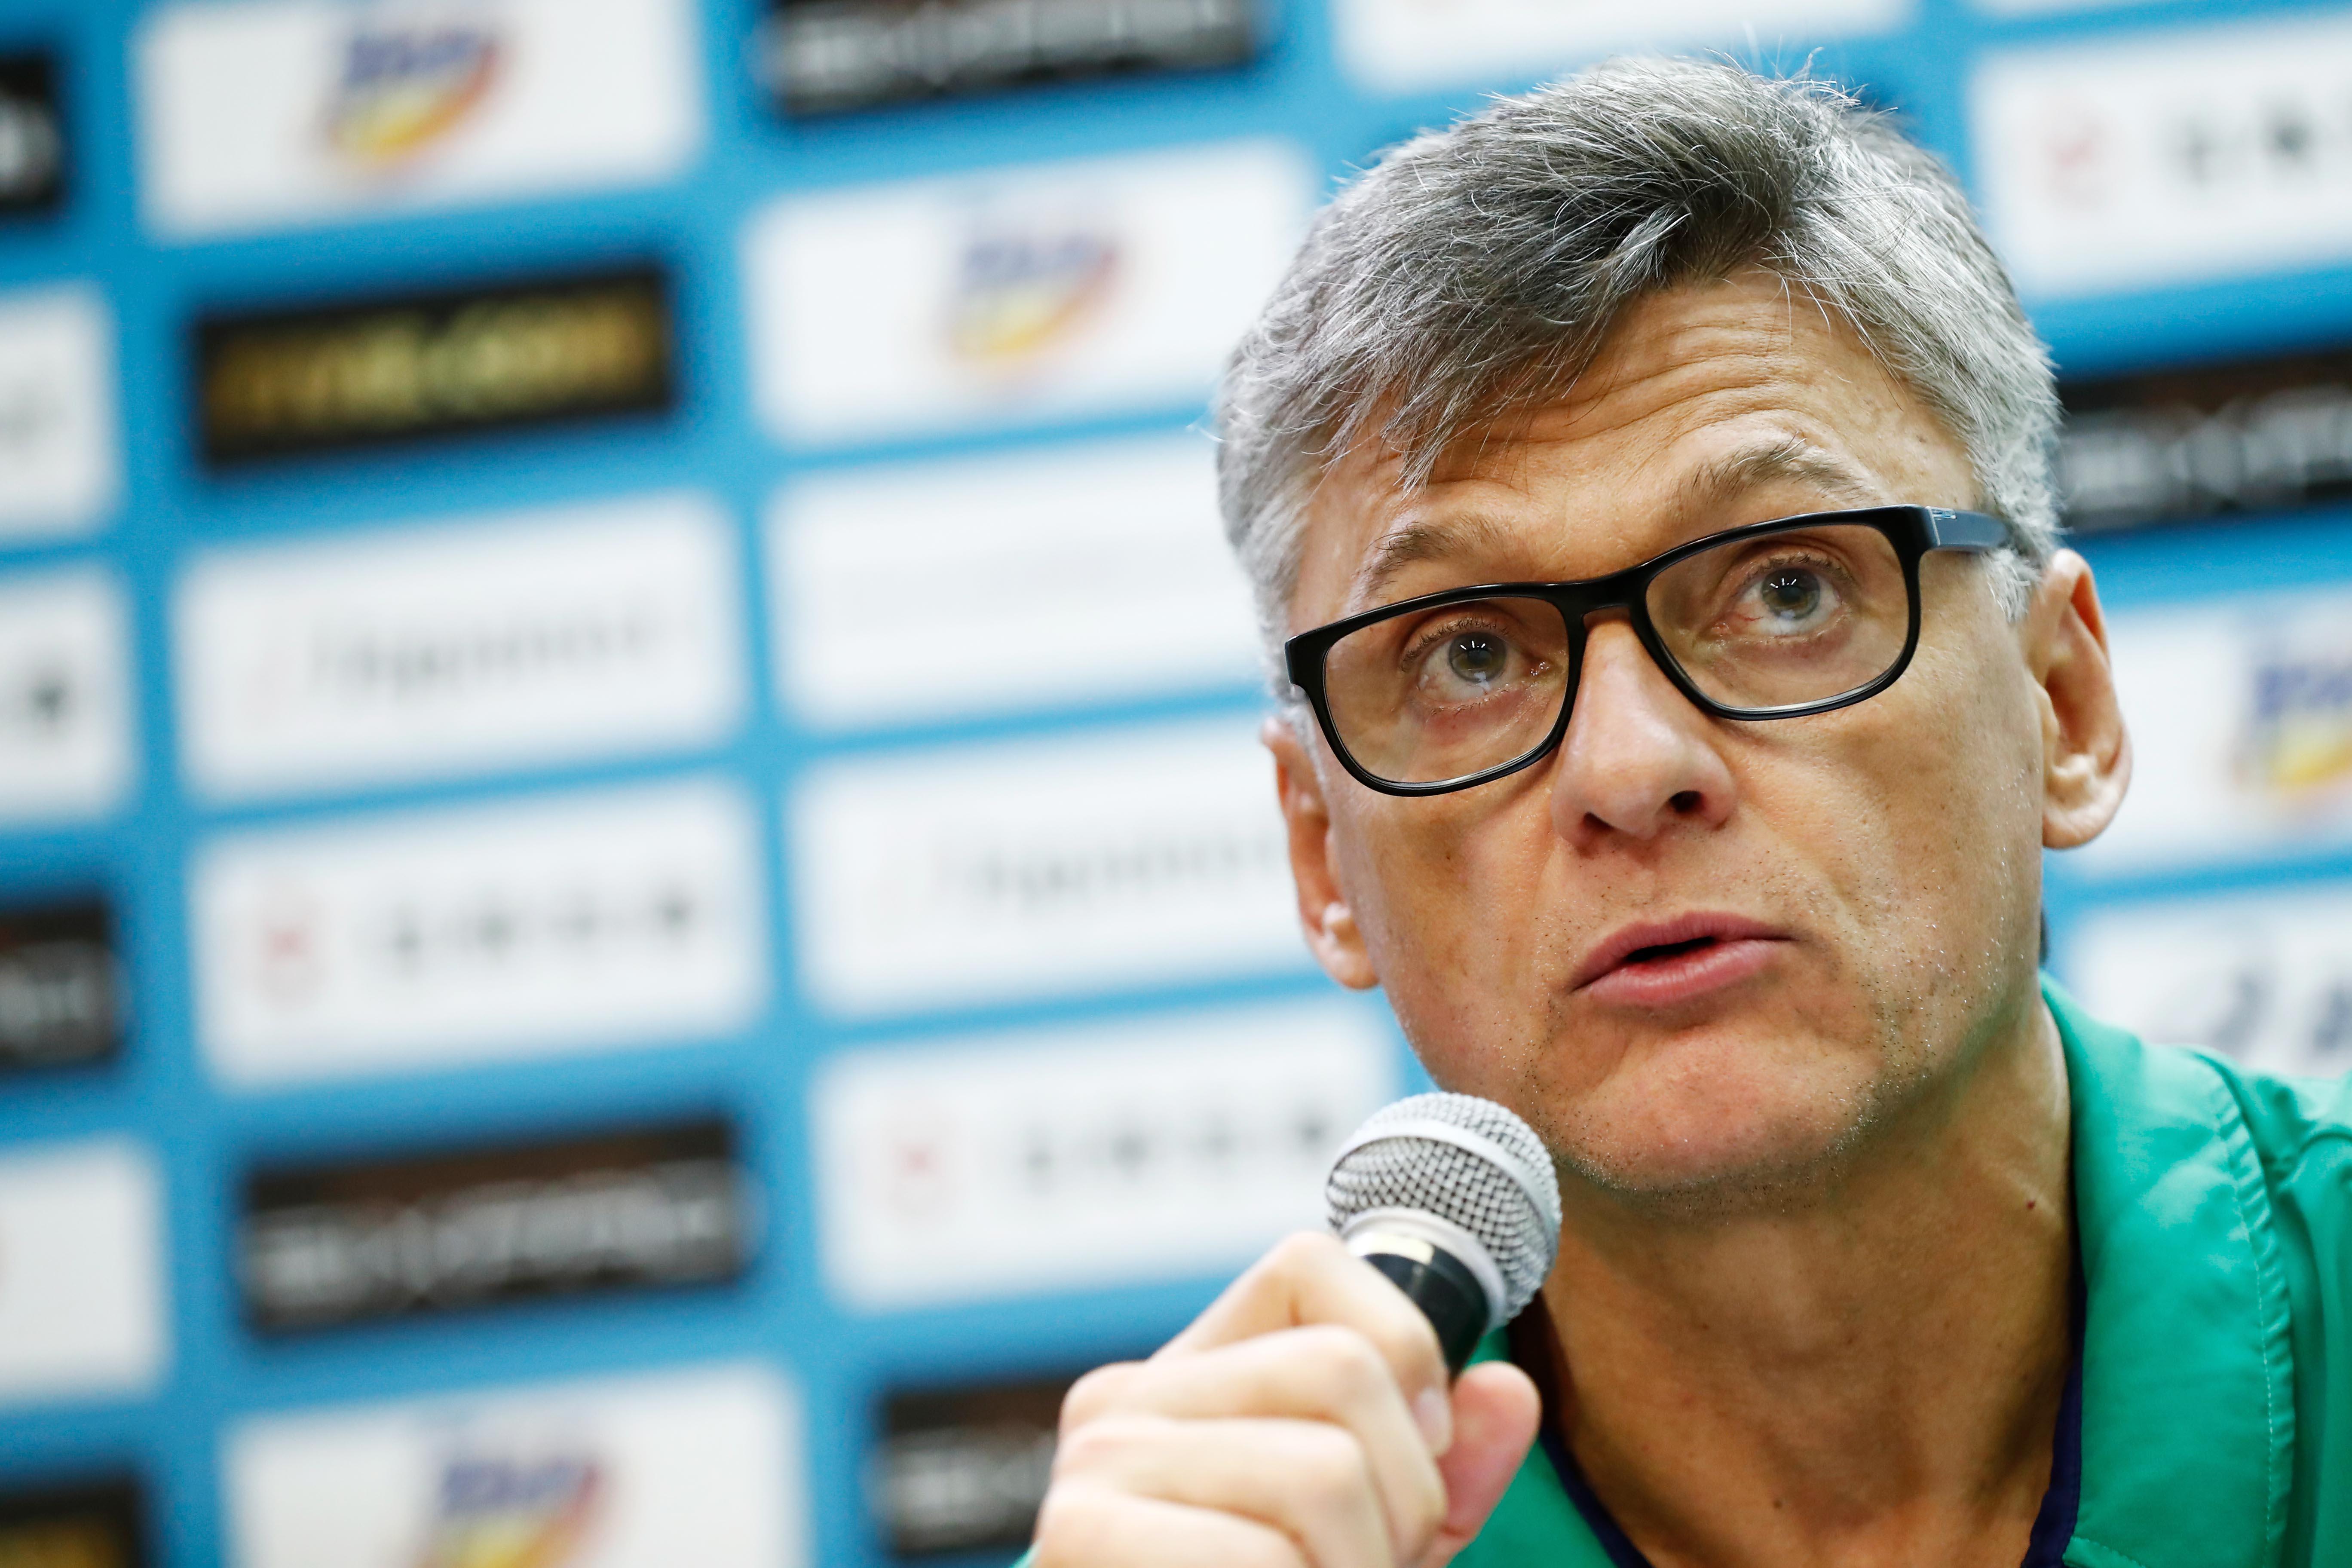 Técnico da seleção masculina, Renan dará palestra em Fortaleza